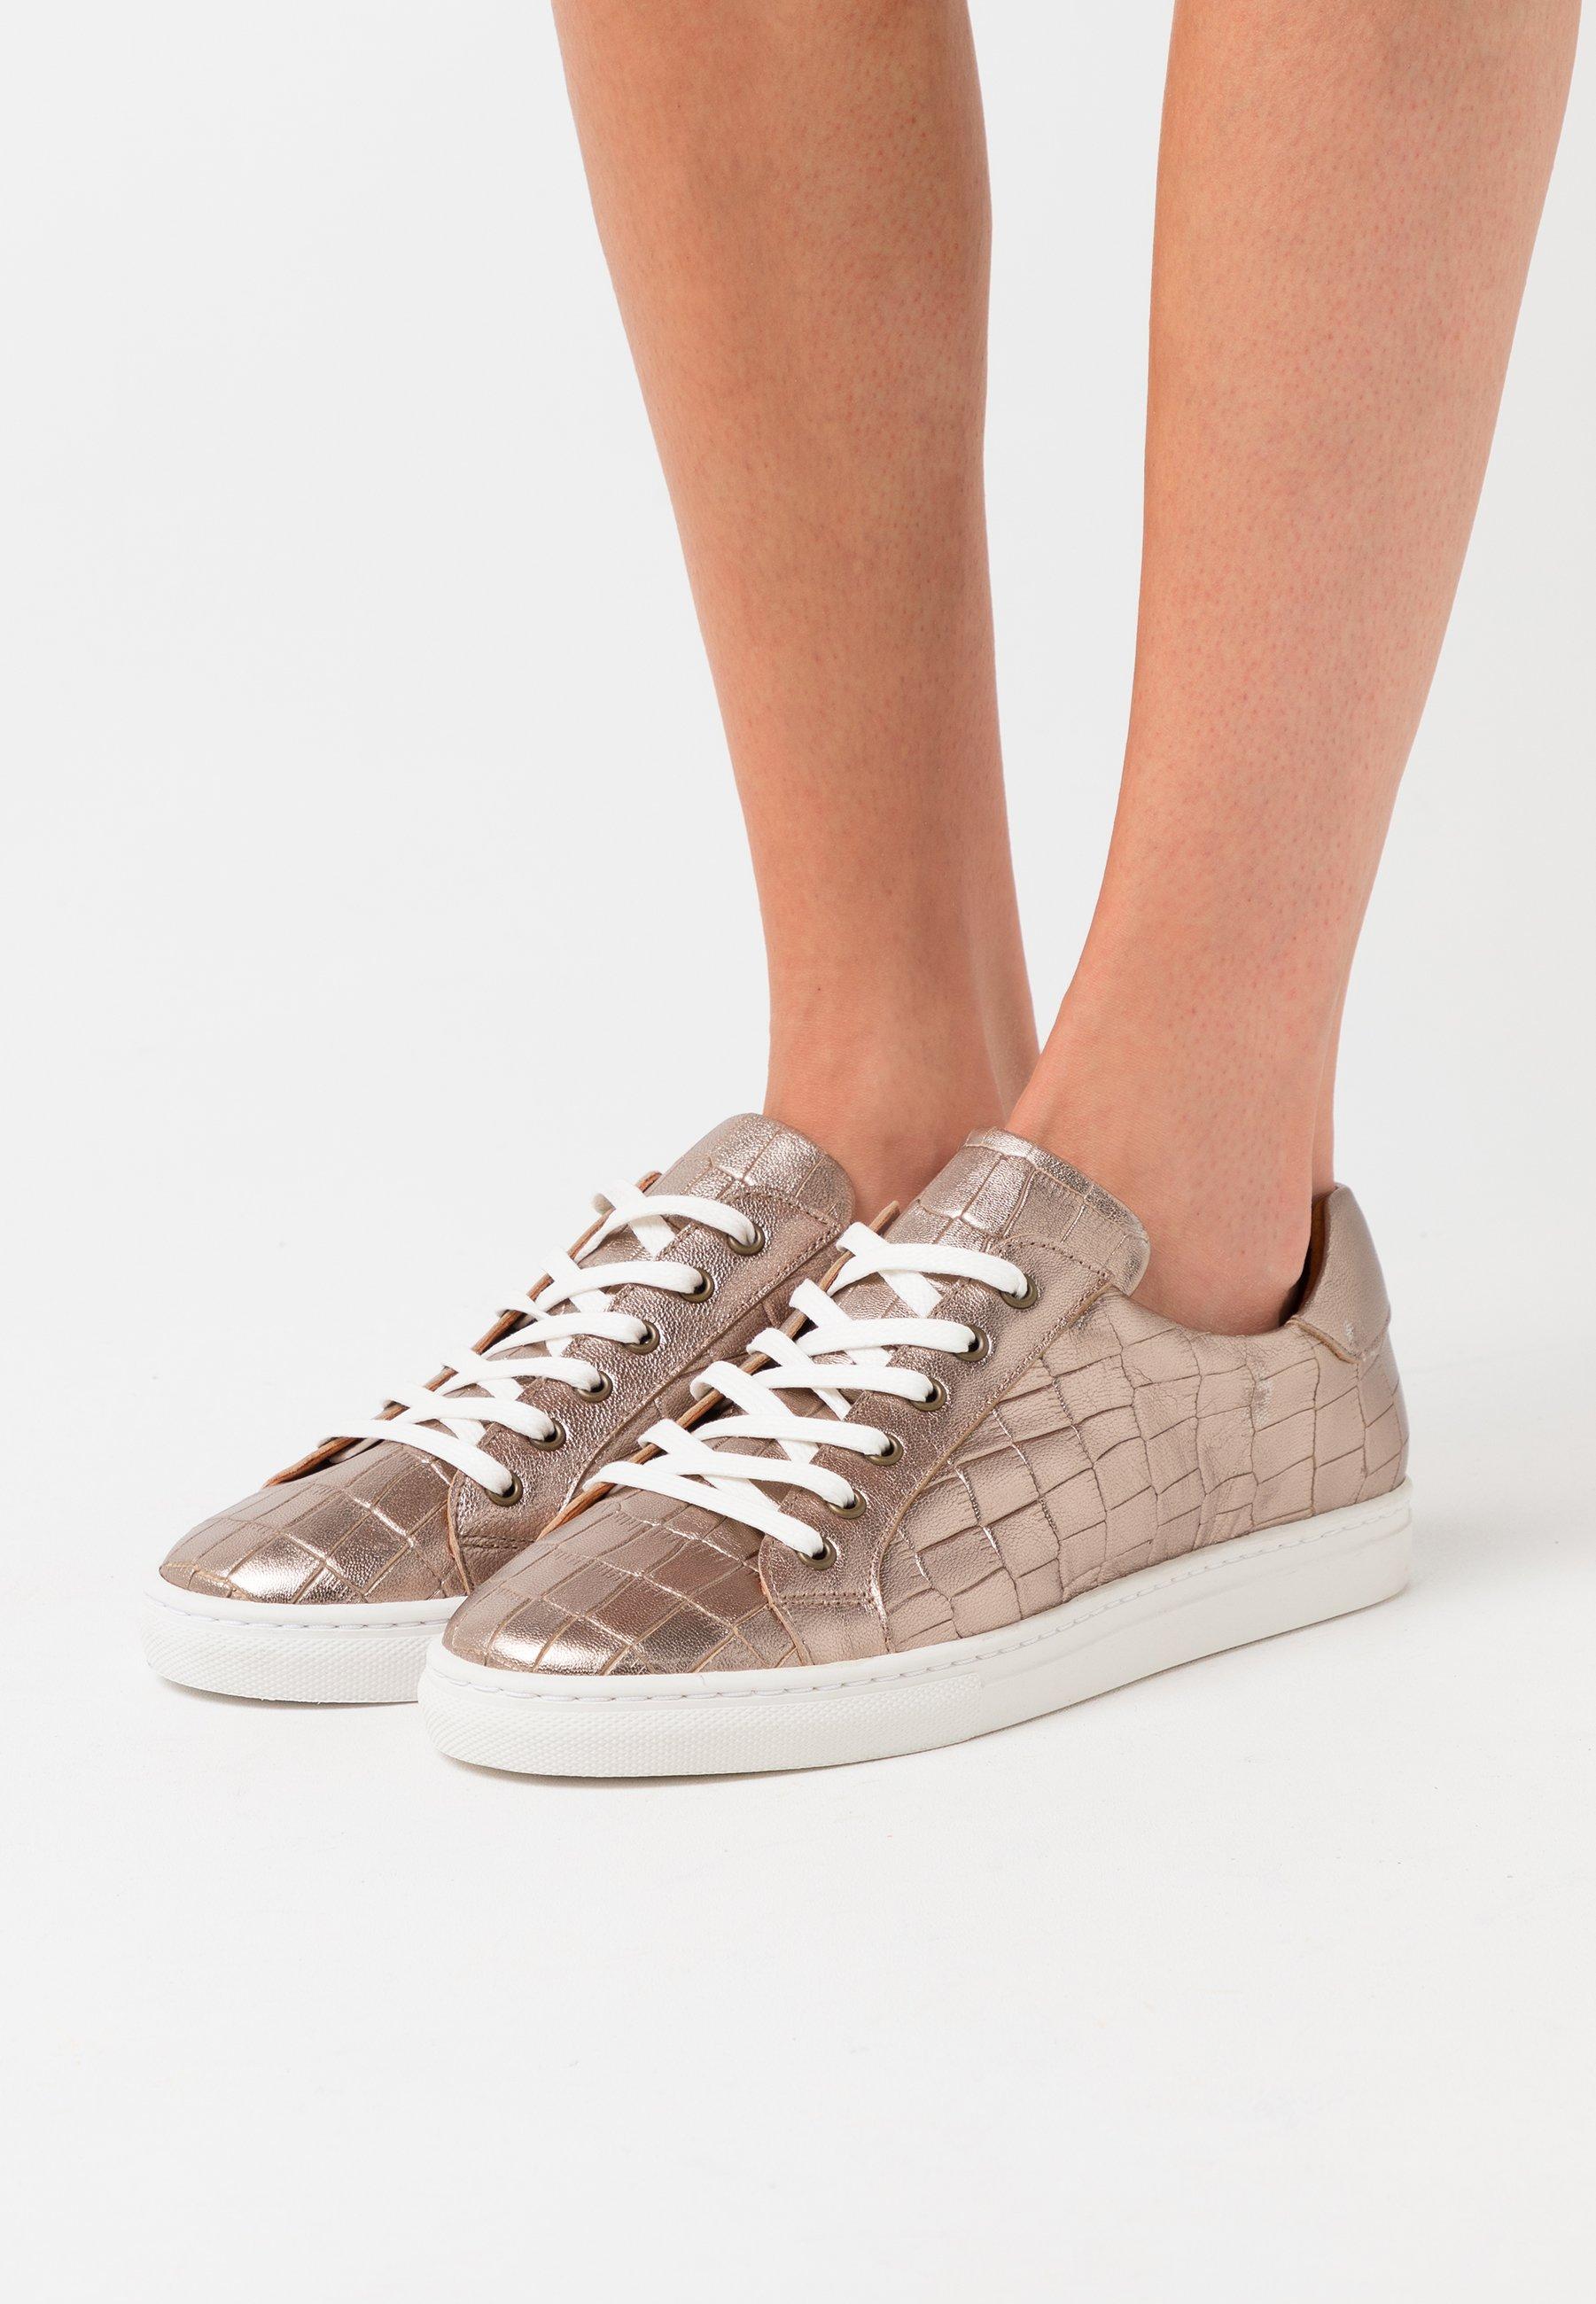 Gutes Angebot Minelli Sneaker low - platine | Damenbekleidung 2020